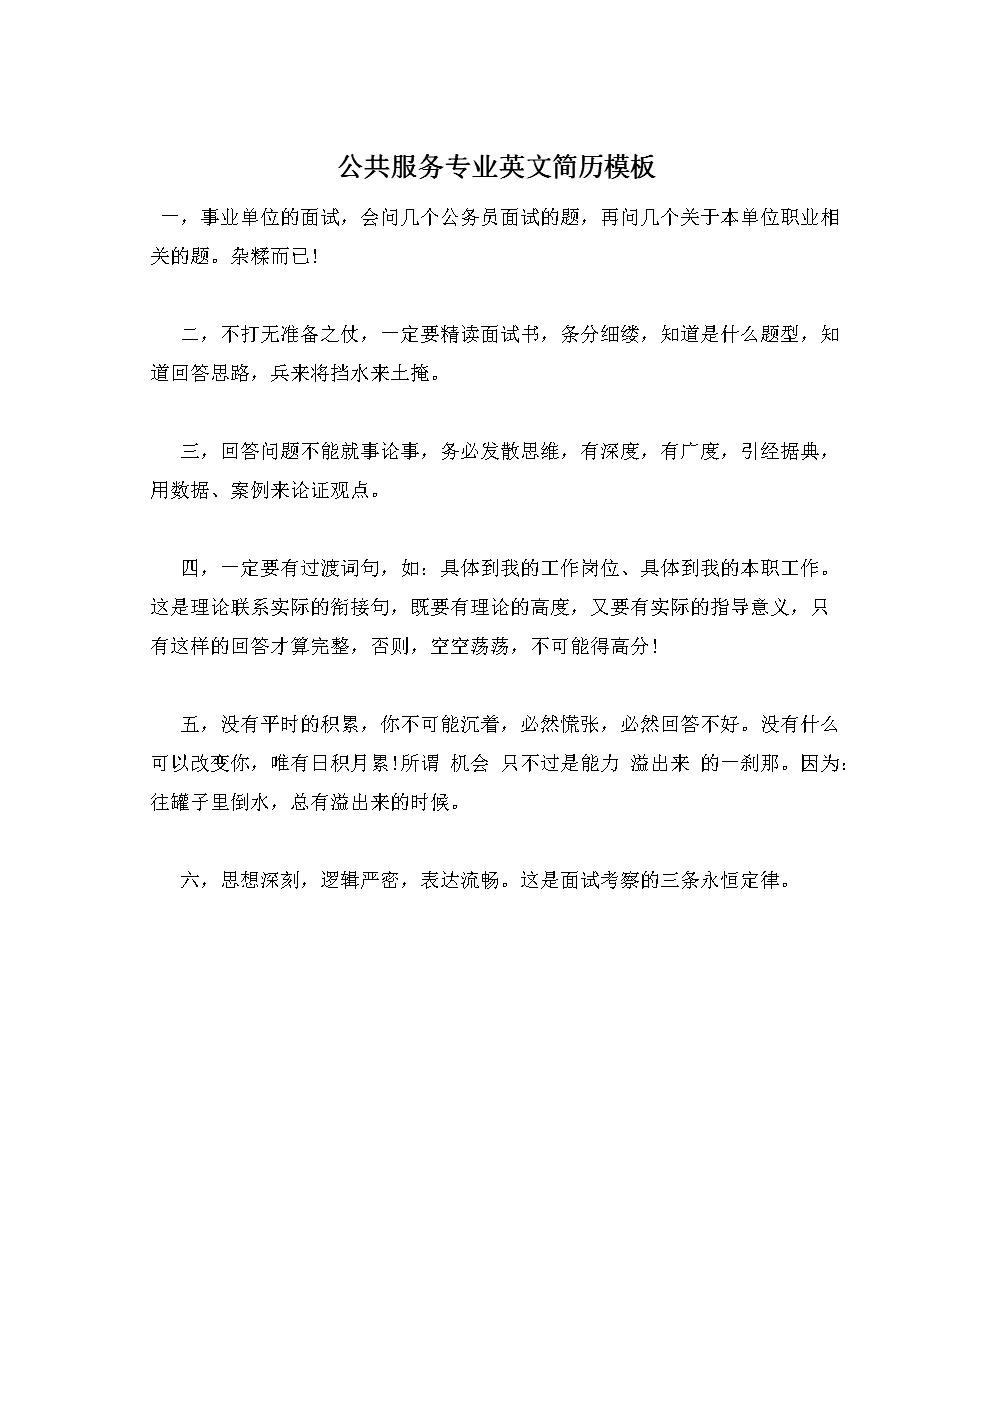 公共服务专业英文简历模板—最新范文.doc